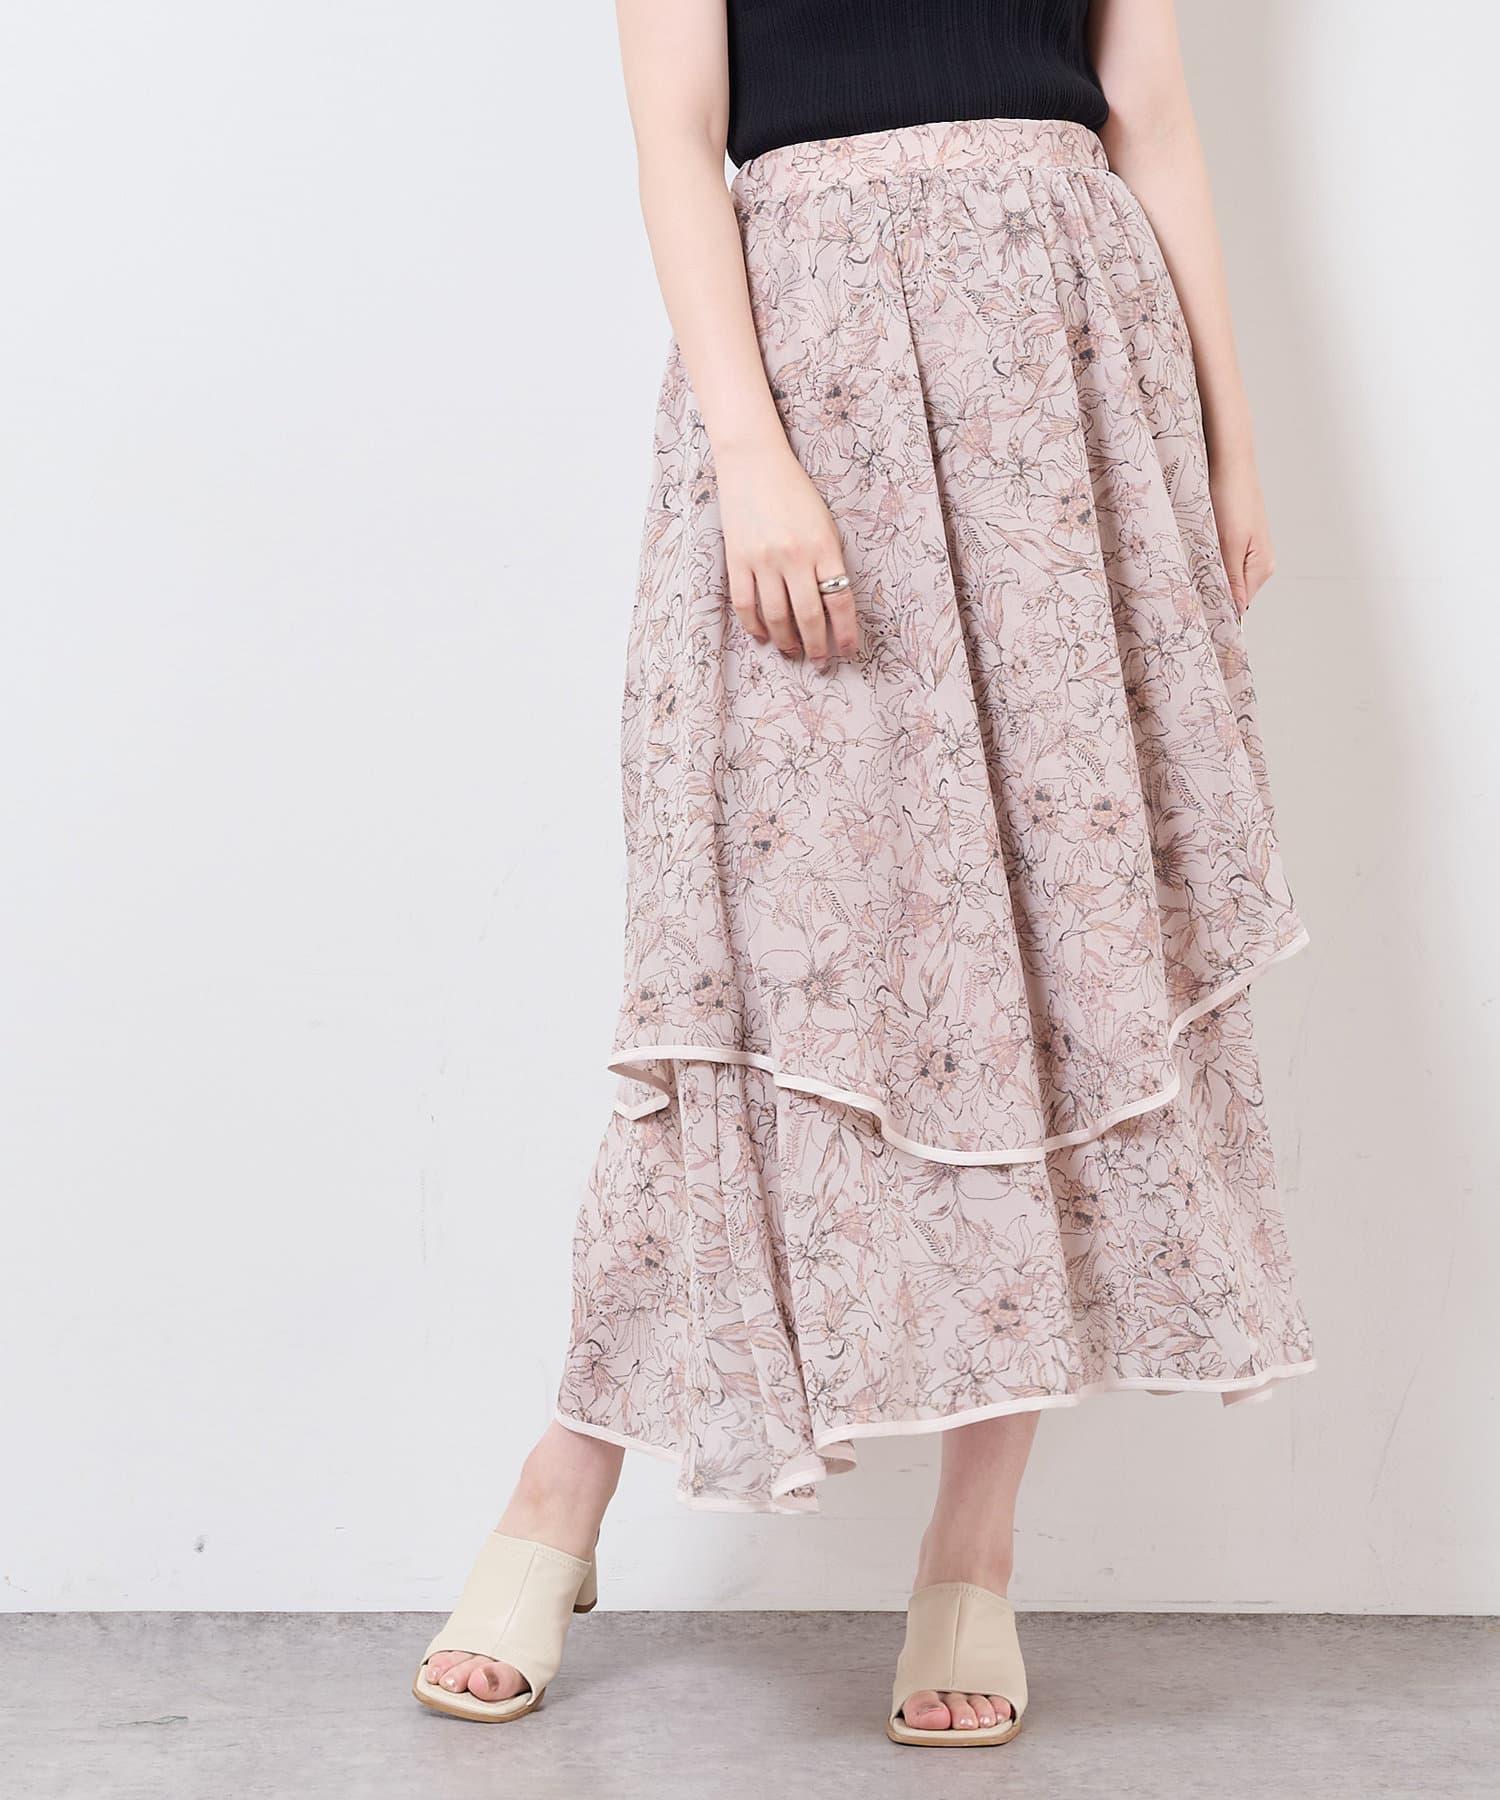 natural couture(ナチュラルクチュール) 【WEB限定】花柄ランダムヘムパイピングスカート